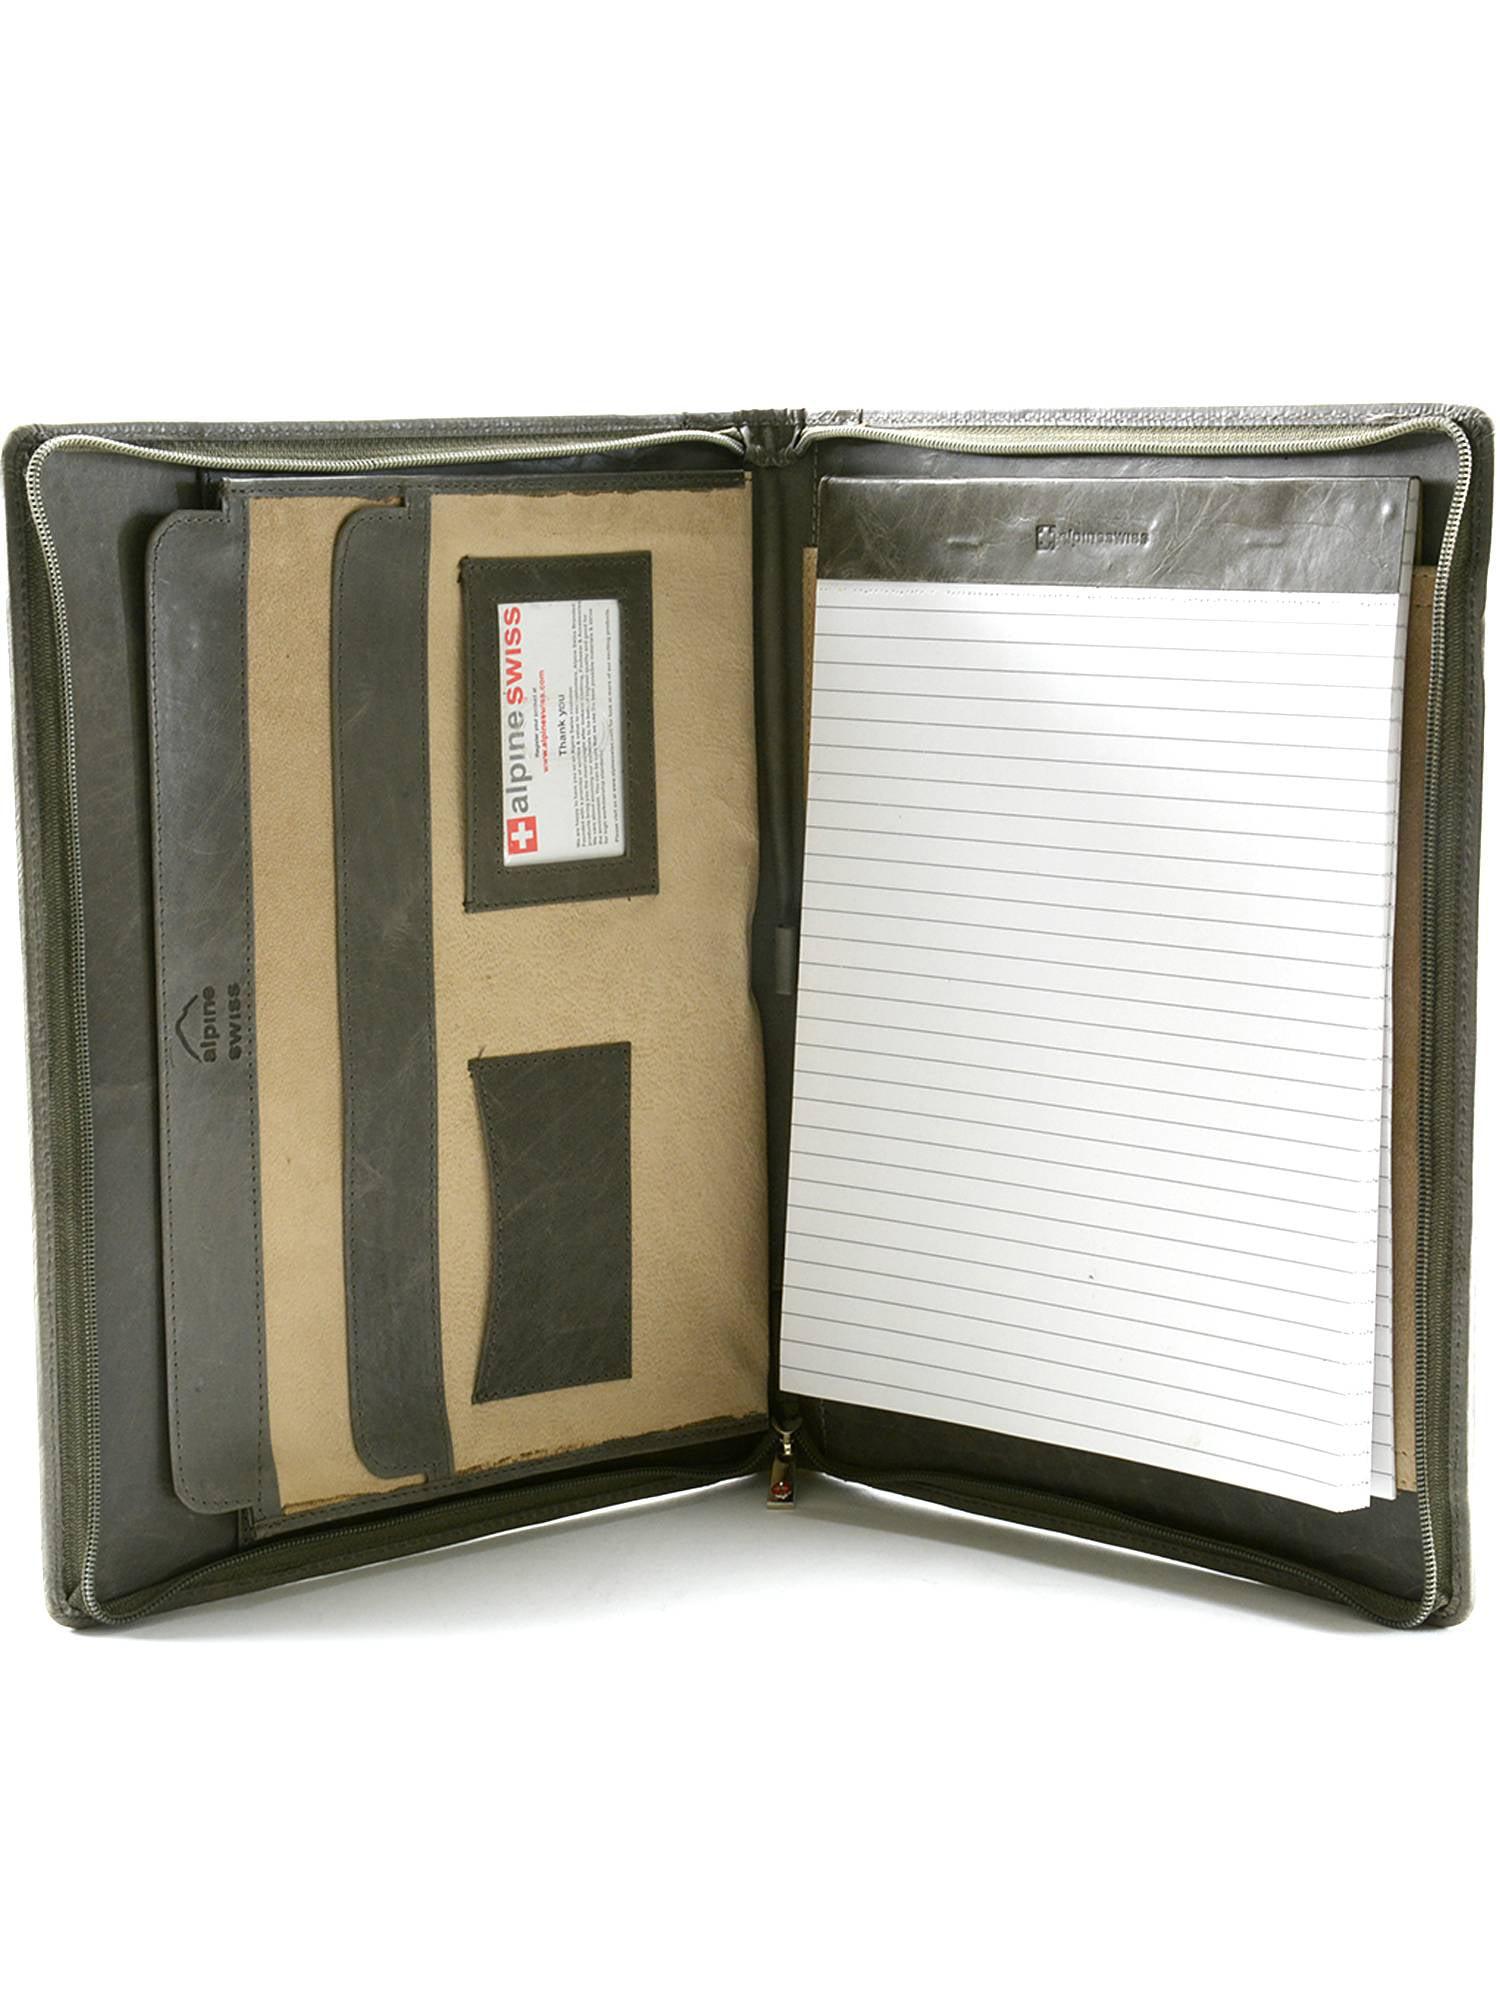 Alpine Swiss Leather Zippered Writing Pad Portfolio Business Briefcase Organizer by alpine swiss